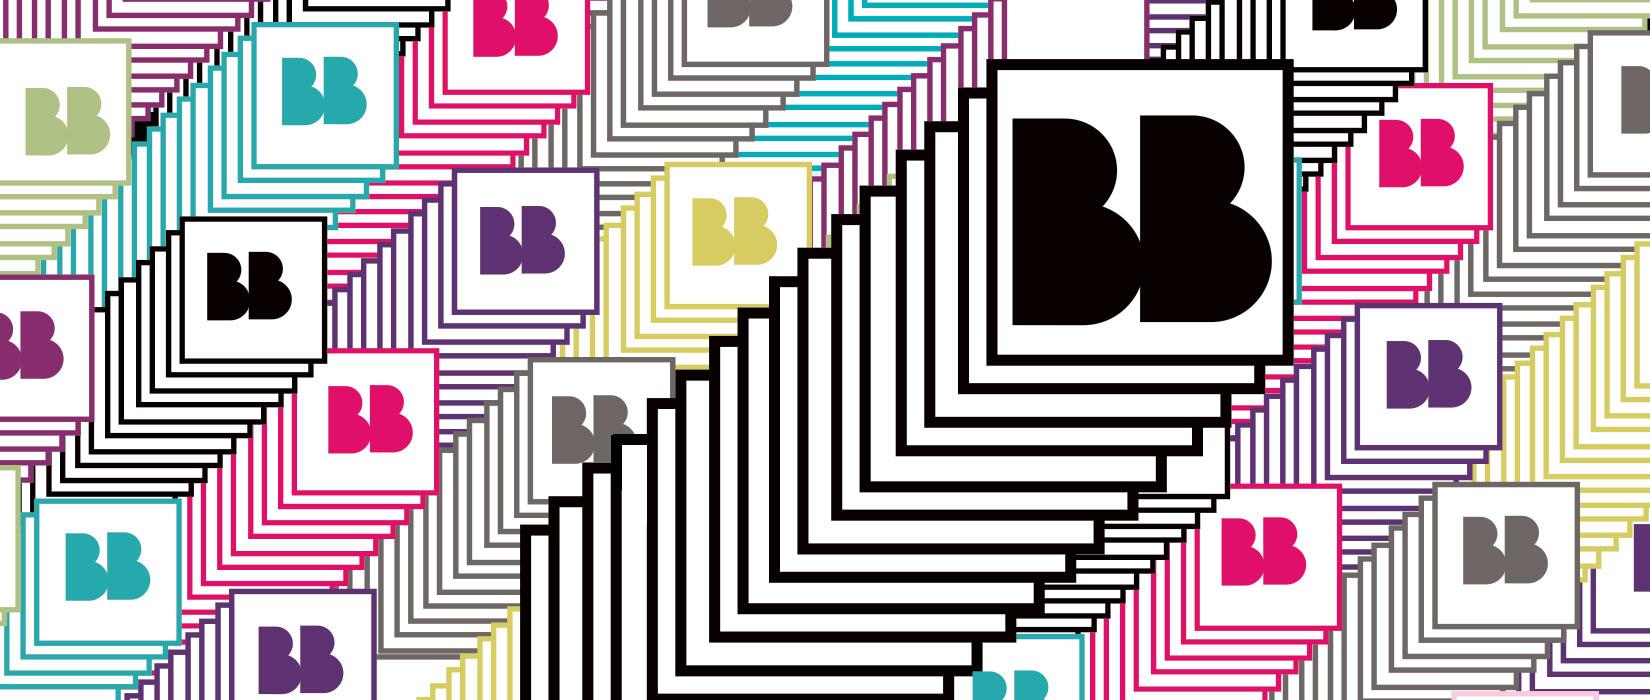 bb_brini_showroom